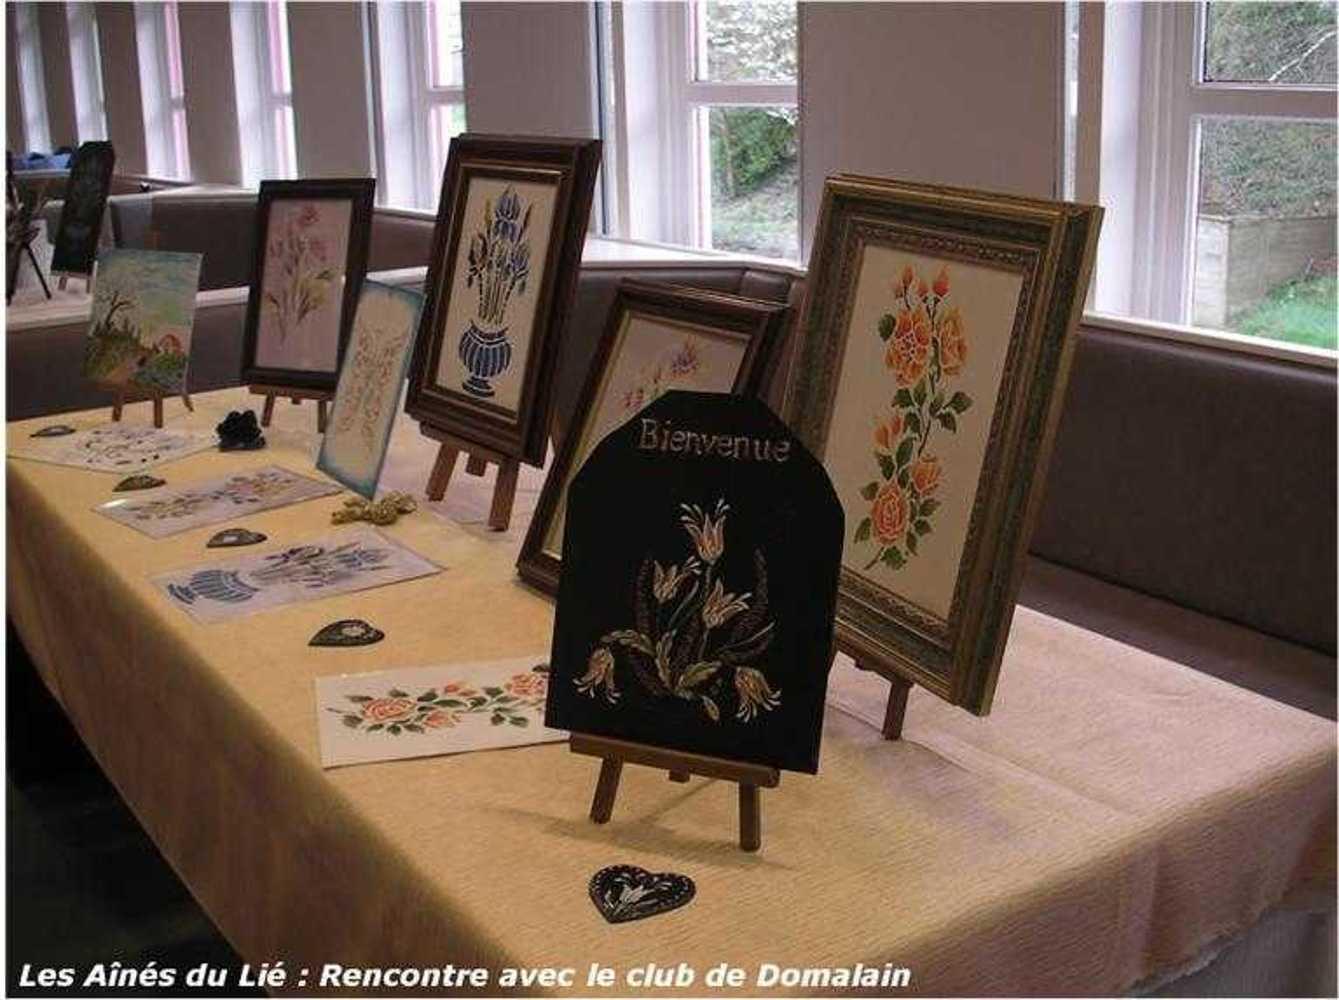 Les Aînés du Lié : photos de la rencontre avec le club de Domalain (35) image53